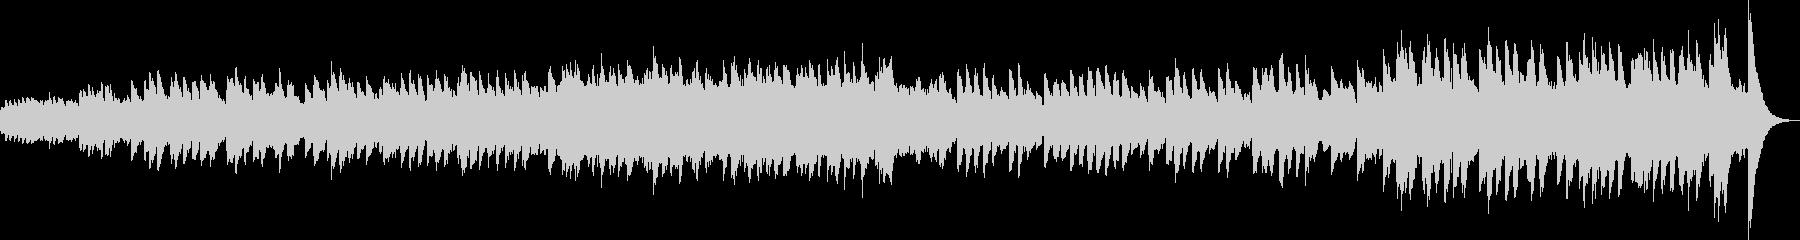 ほんわか系の明るいオルゴール曲の未再生の波形